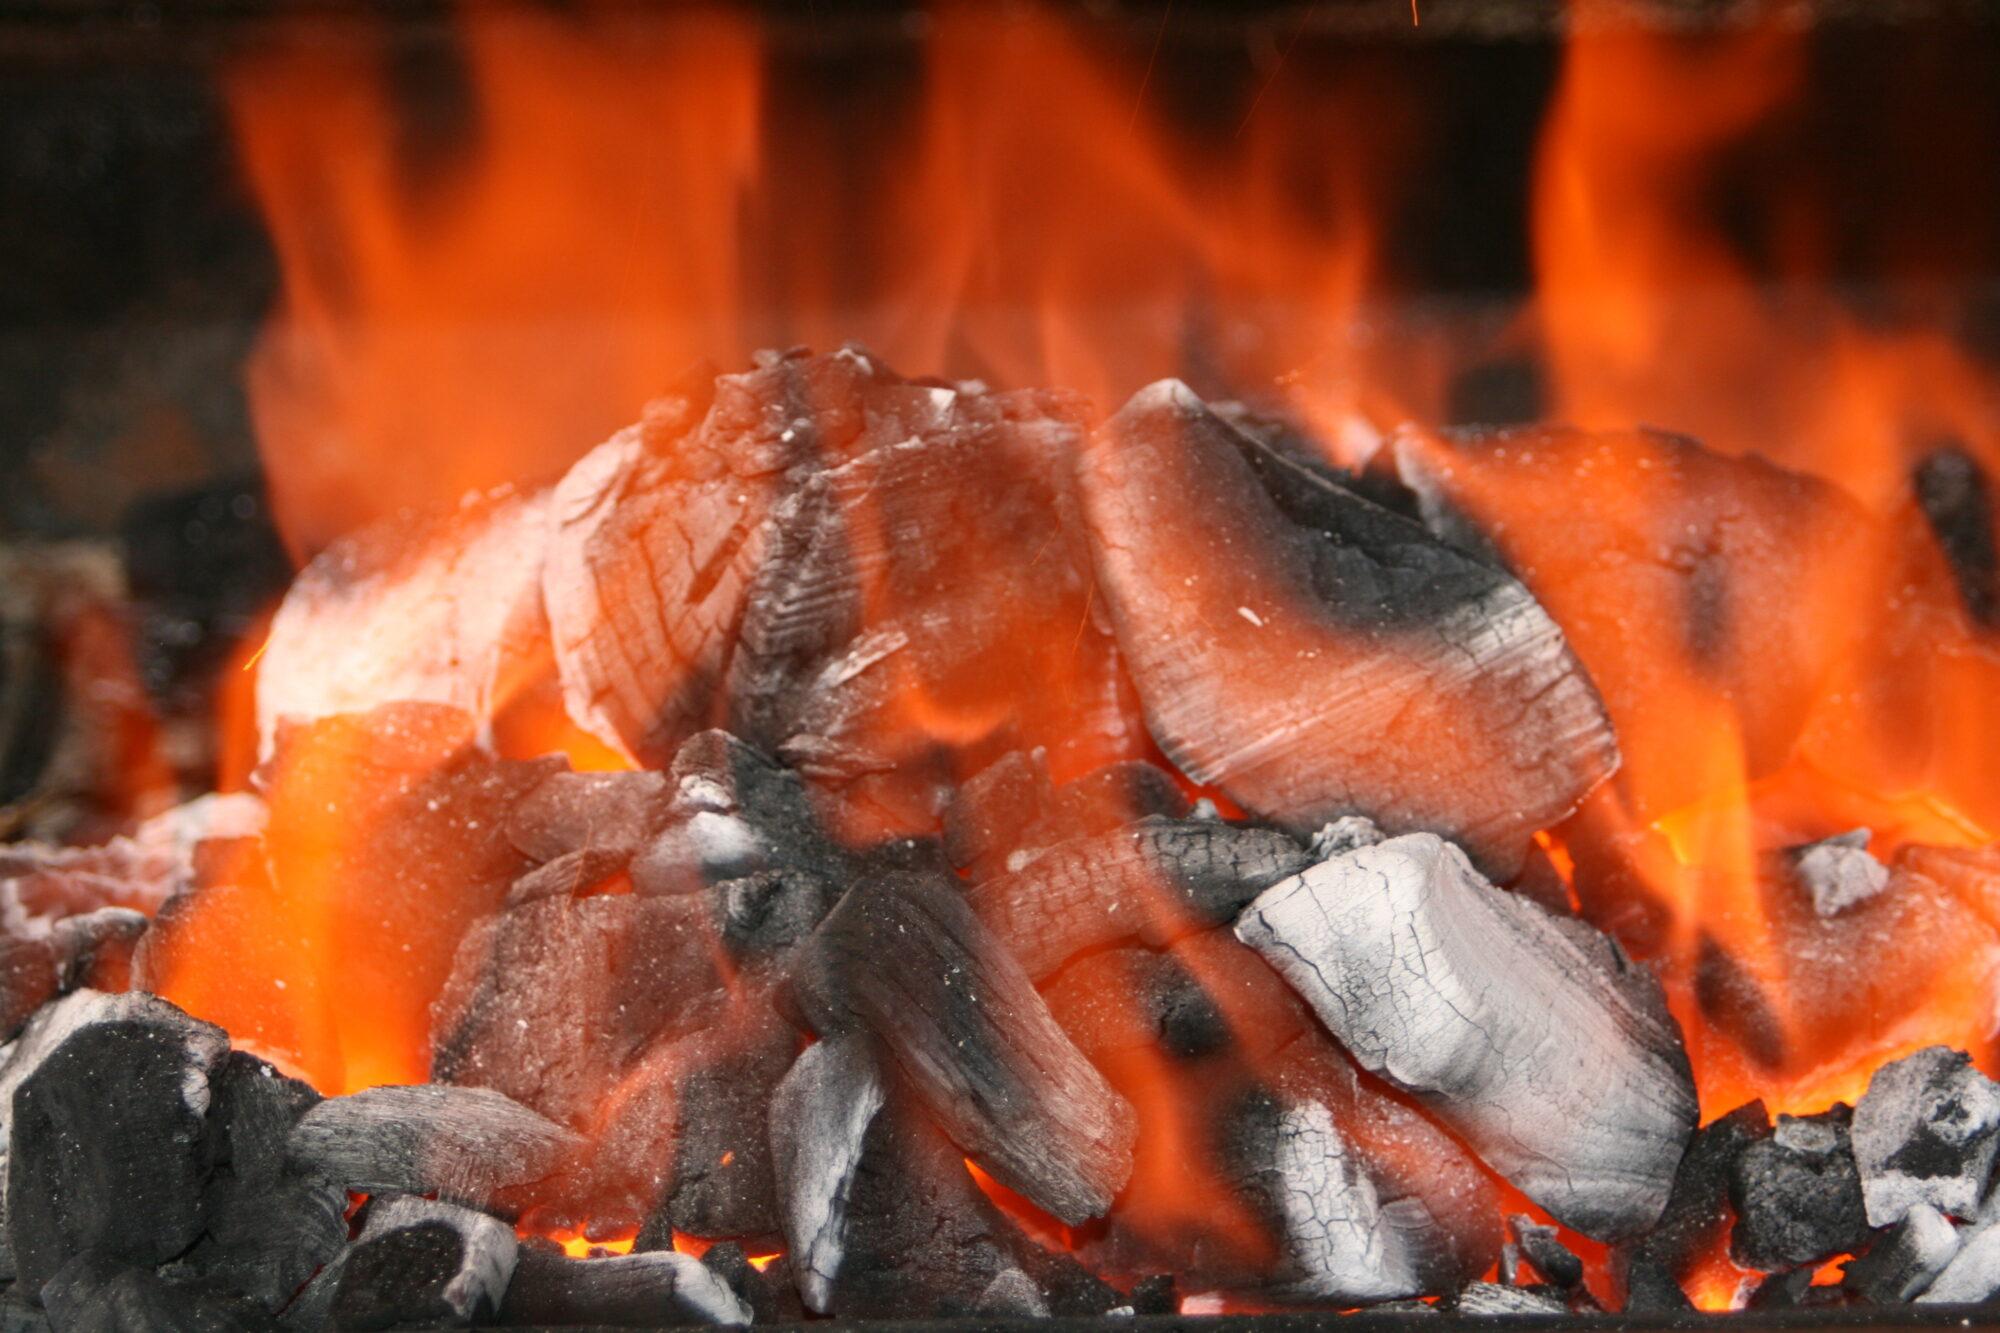 Meldpunt houtrook: 'Houtstook geen duurzame energiebron'